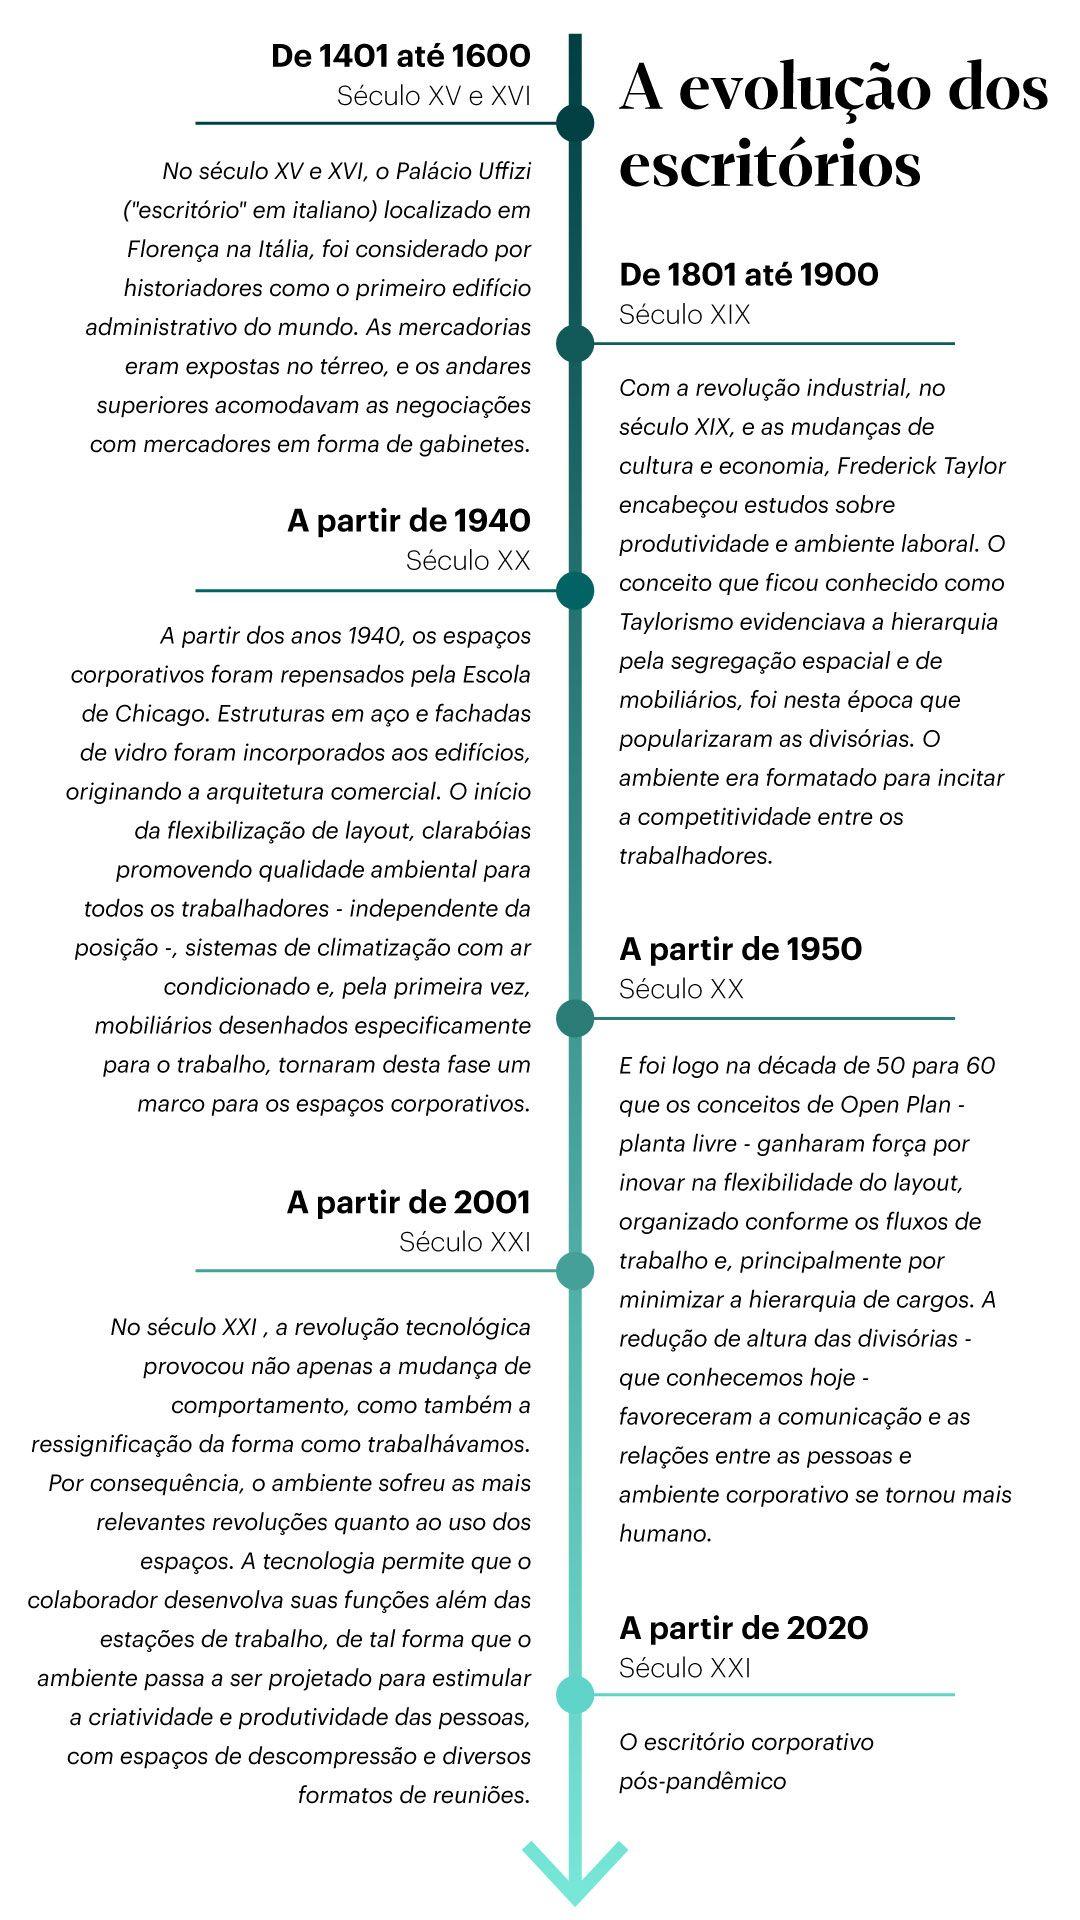 A evolução dos escritórios